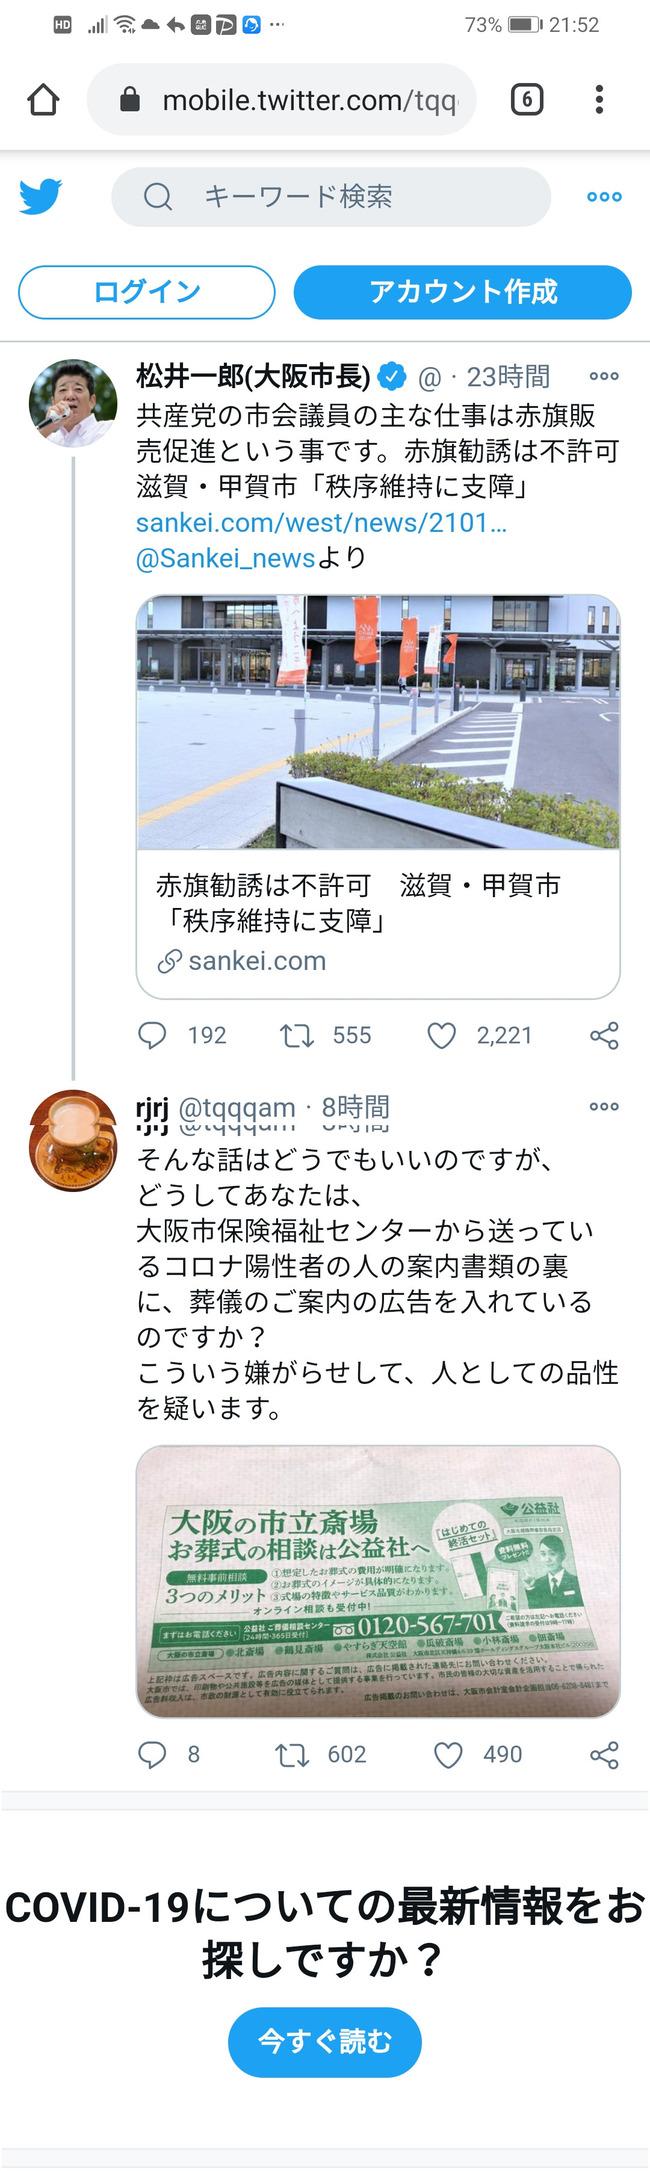 【悲報】大阪市、コロナ陽性者への書類の裏面が葬儀屋の広告だった